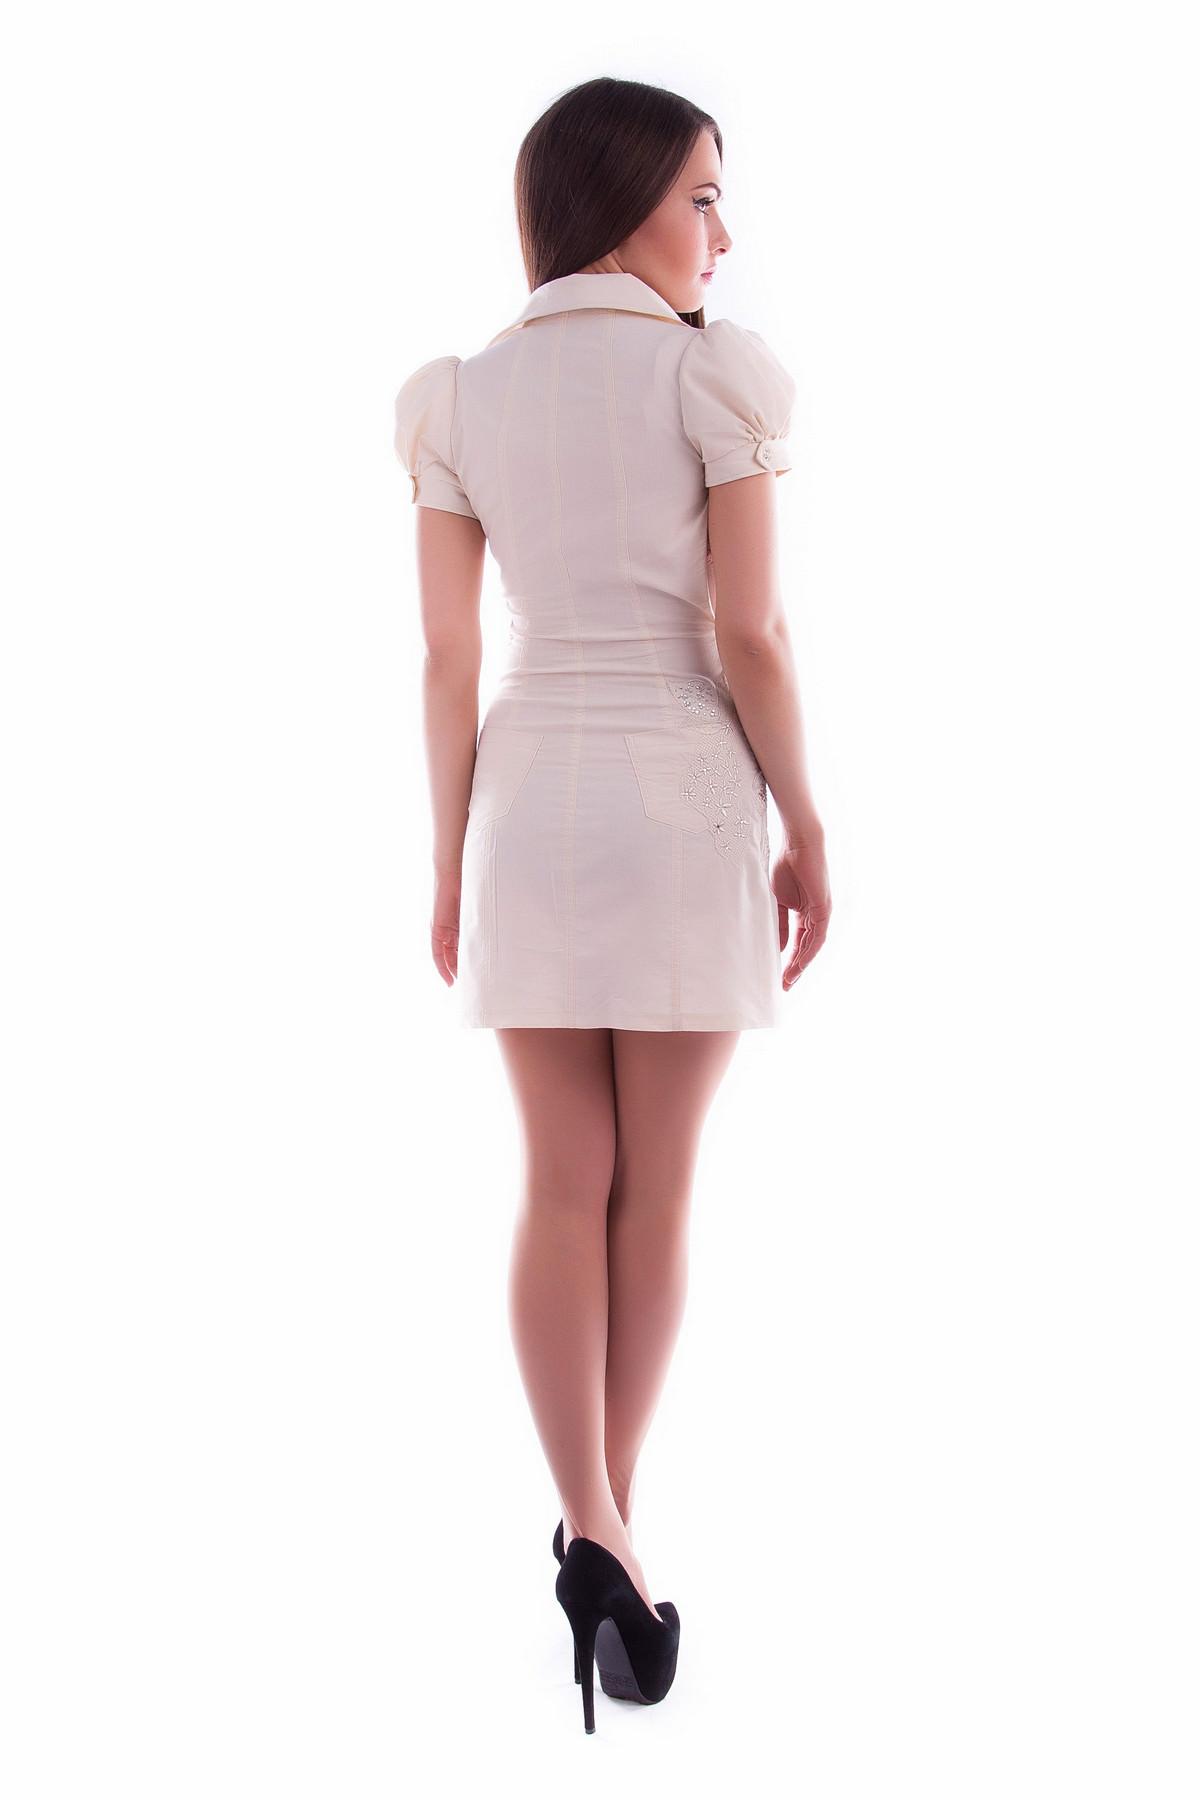 Vvb женская одежда доставка